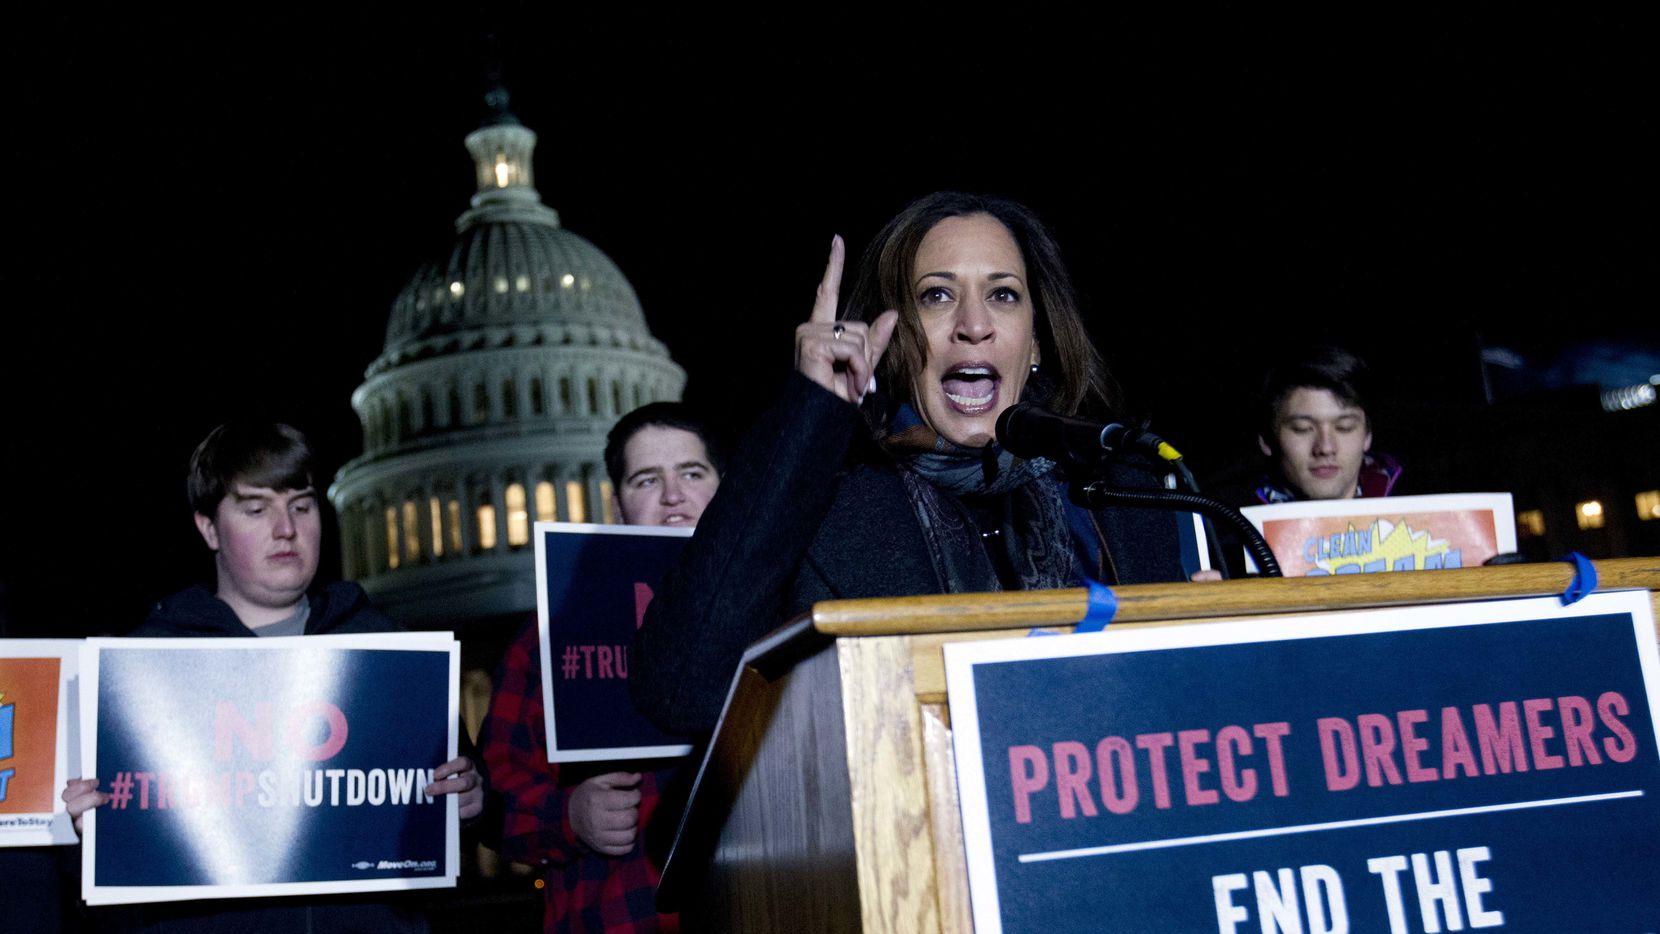 La senadora demócrata por California Kamala Harris apoyó un grupo de dreamers afuera del Congreso el viernes. AP